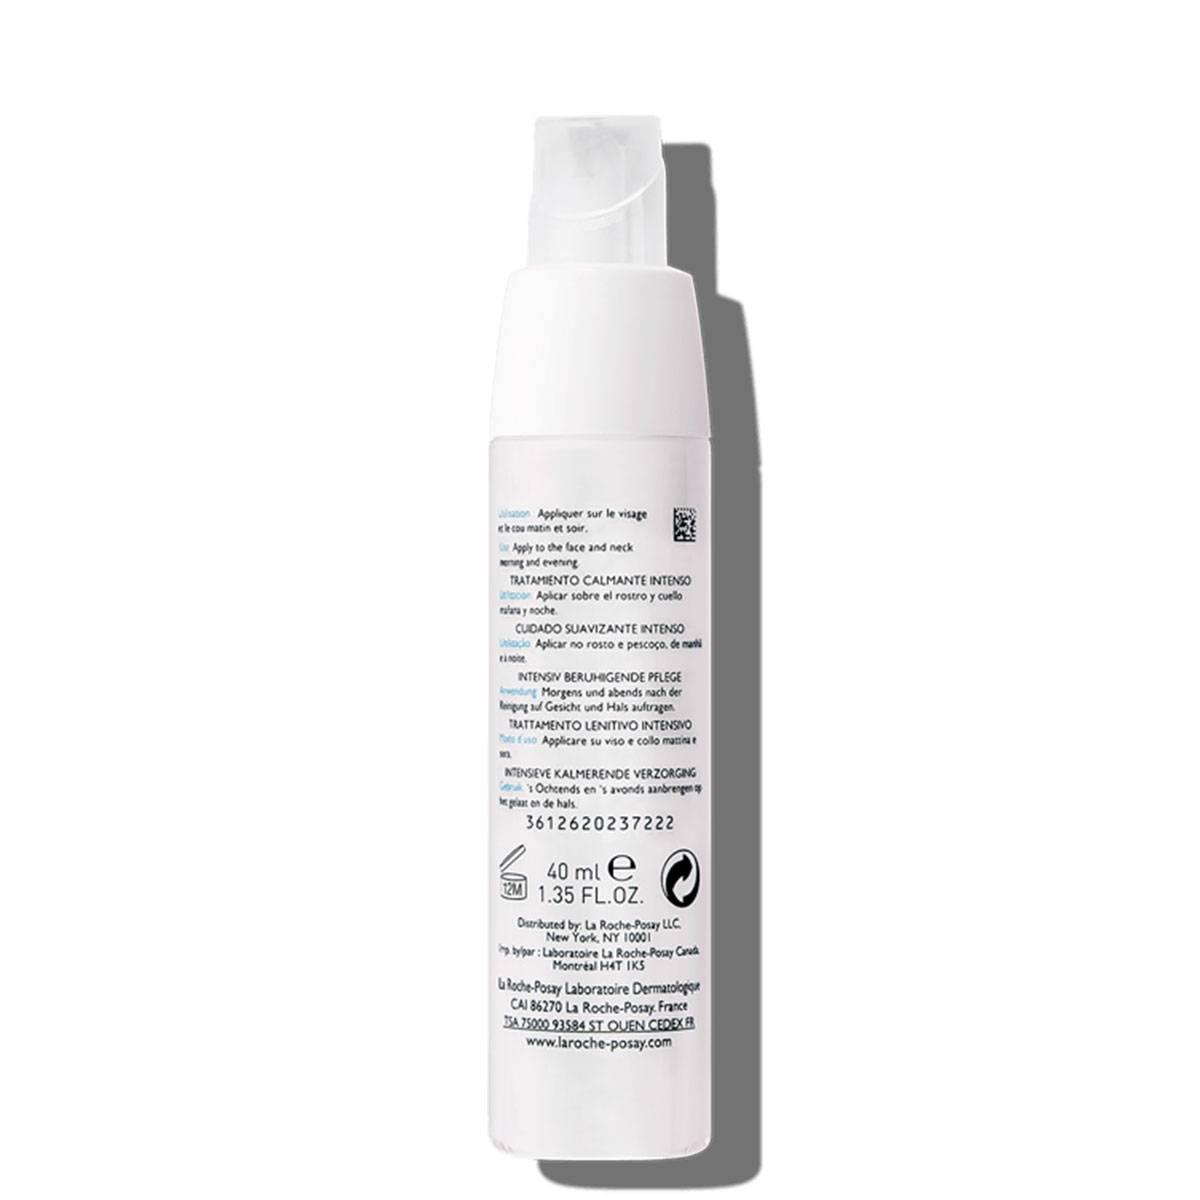 La Roche Posay ProductPage Sensitive Allergic Toleriane Ultra 40ml 333